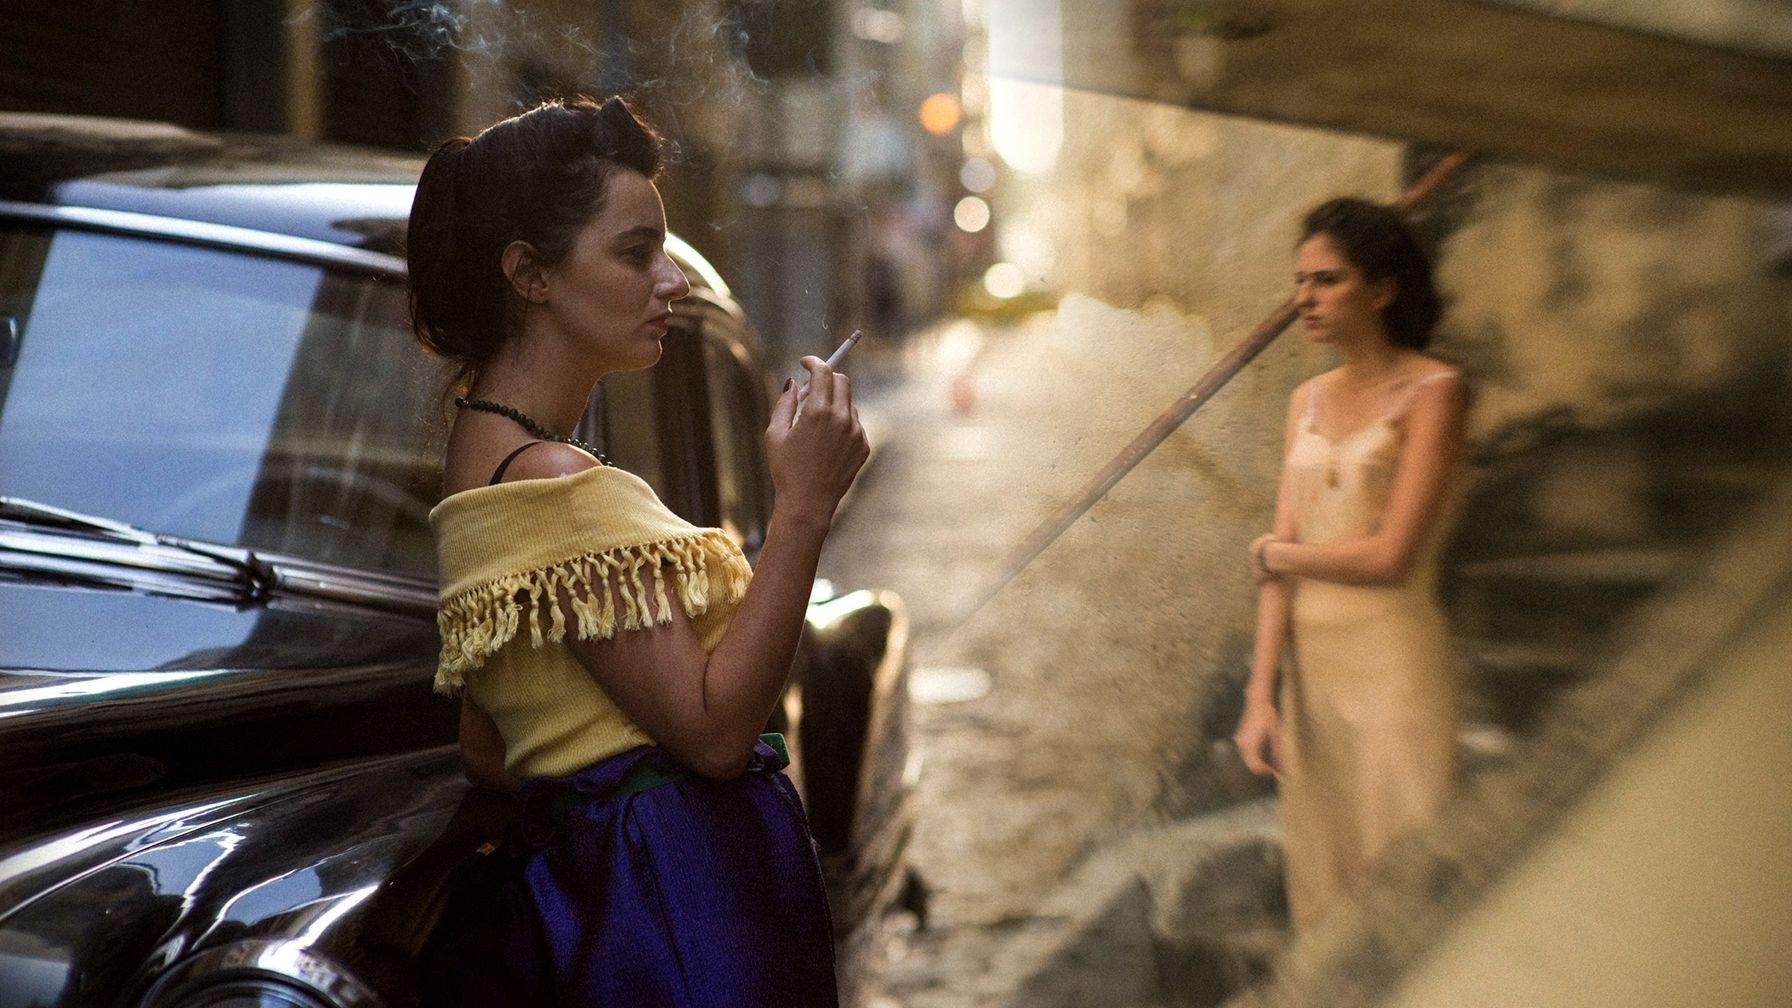 """Filmszene """"The Invisible Life of Eurídice Gusmao"""" von Karim Aïnouz (zwei junge Frauen stehen abends auf einer Straße, eine raucht)"""